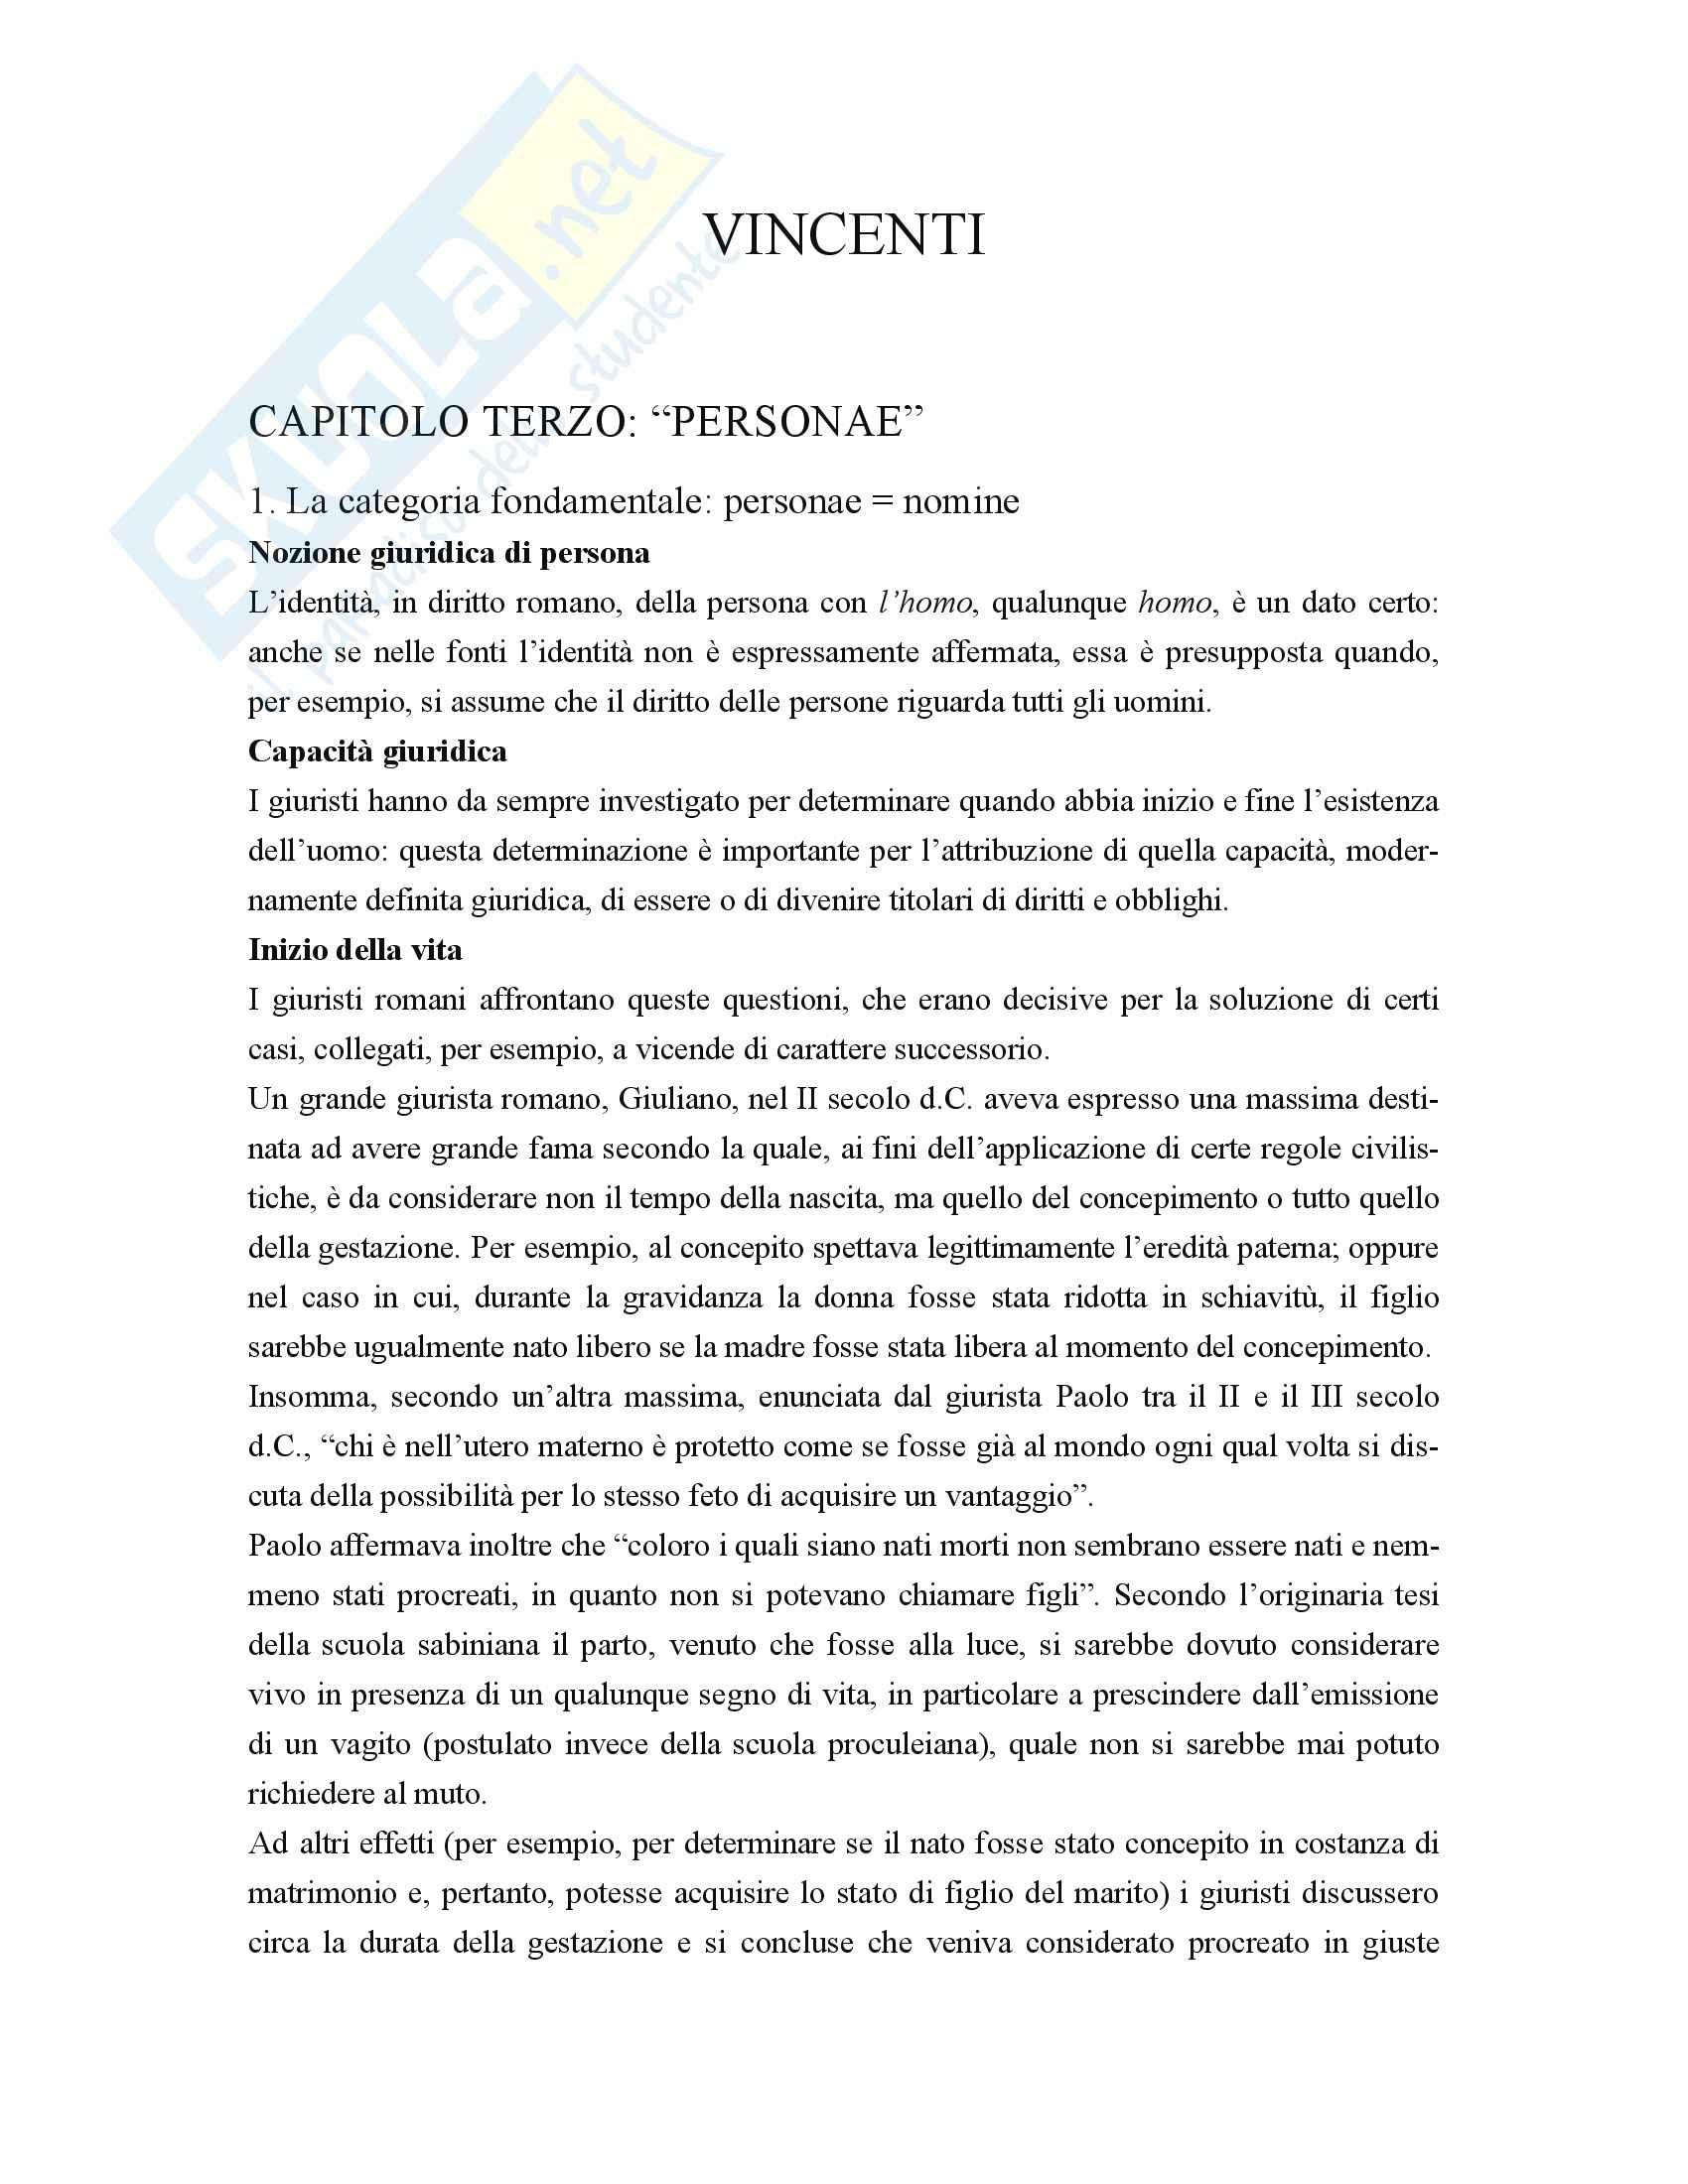 Diritto romano - Vincenti